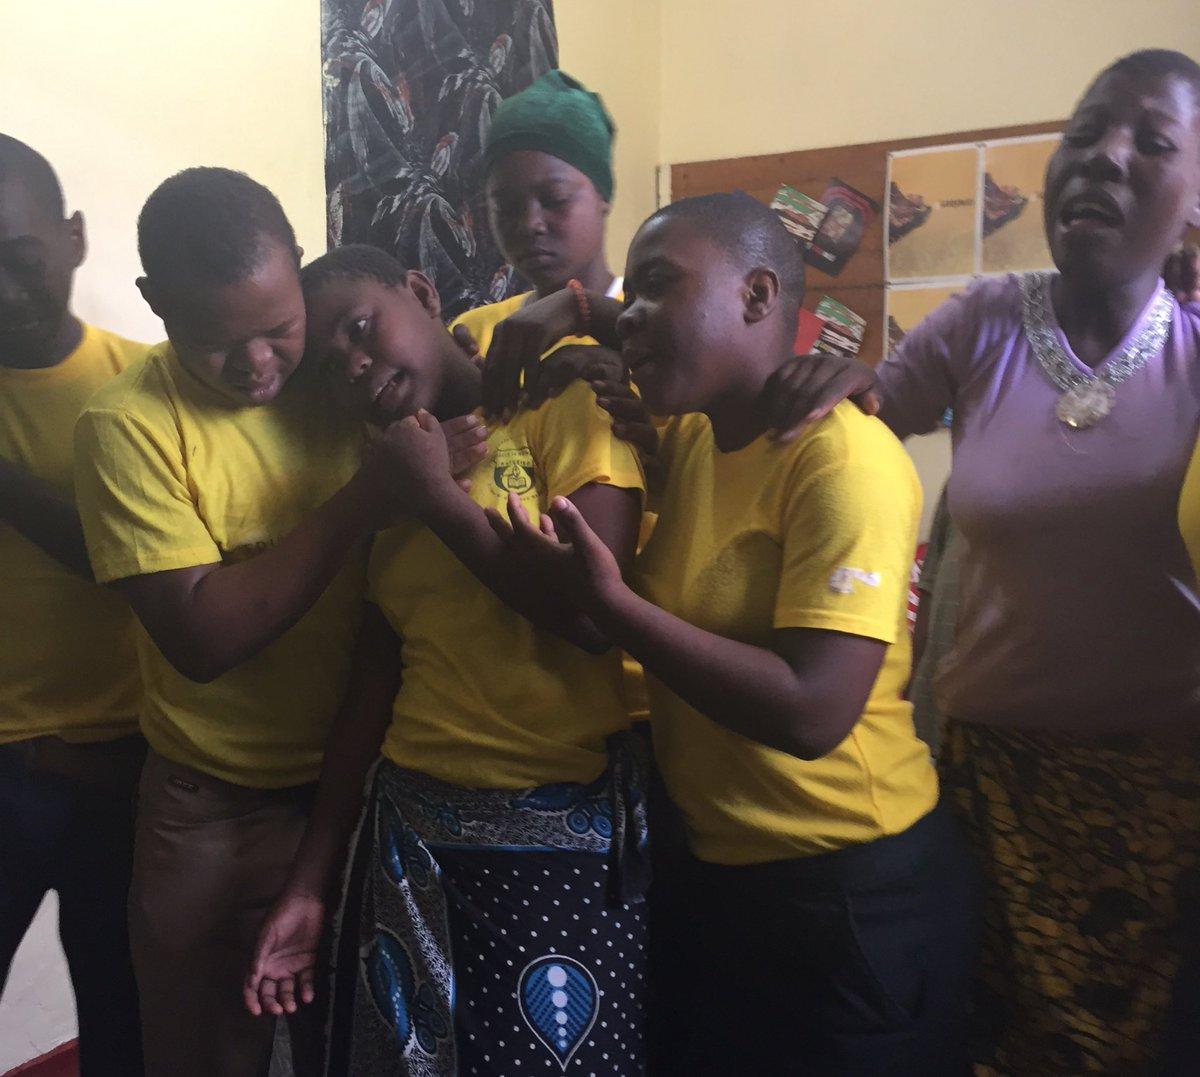 test Twitter Media - Zuberi, Swabia, Joyce & gänget på YDCP Tanga, Tanzania, spelar stark pjäs om familj som får barn med funktionsnedsättning. #postkodeffekten https://t.co/6tfJ981wMc